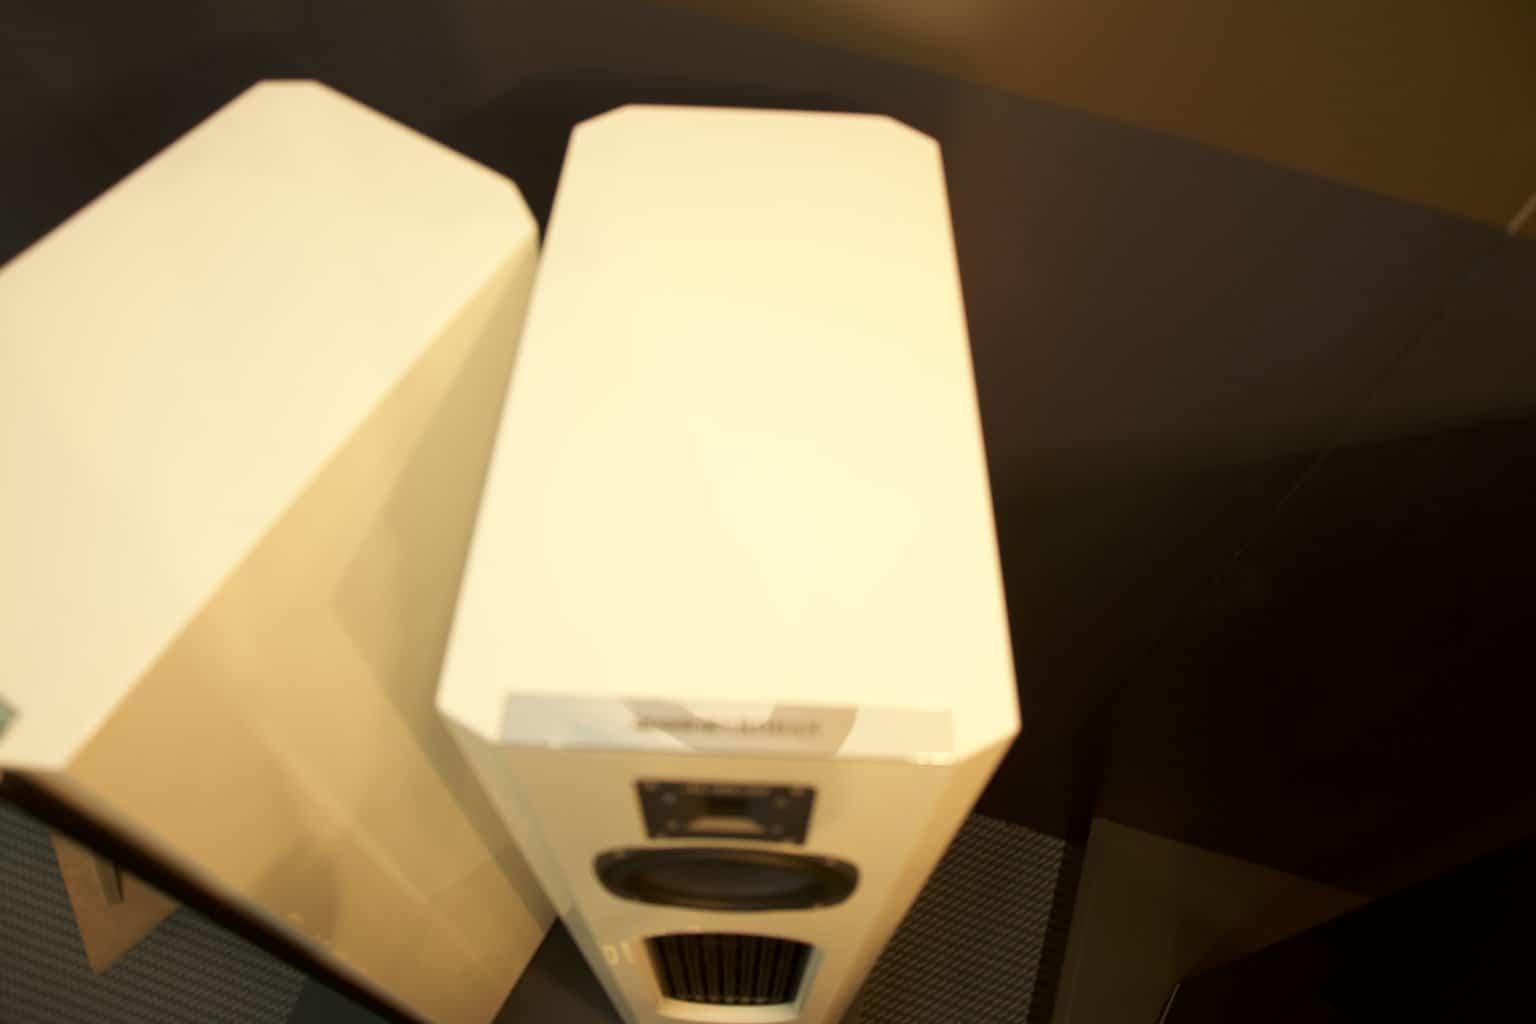 quadral aurum 9 r9volution einblick heimkinopartner bremen. Black Bedroom Furniture Sets. Home Design Ideas